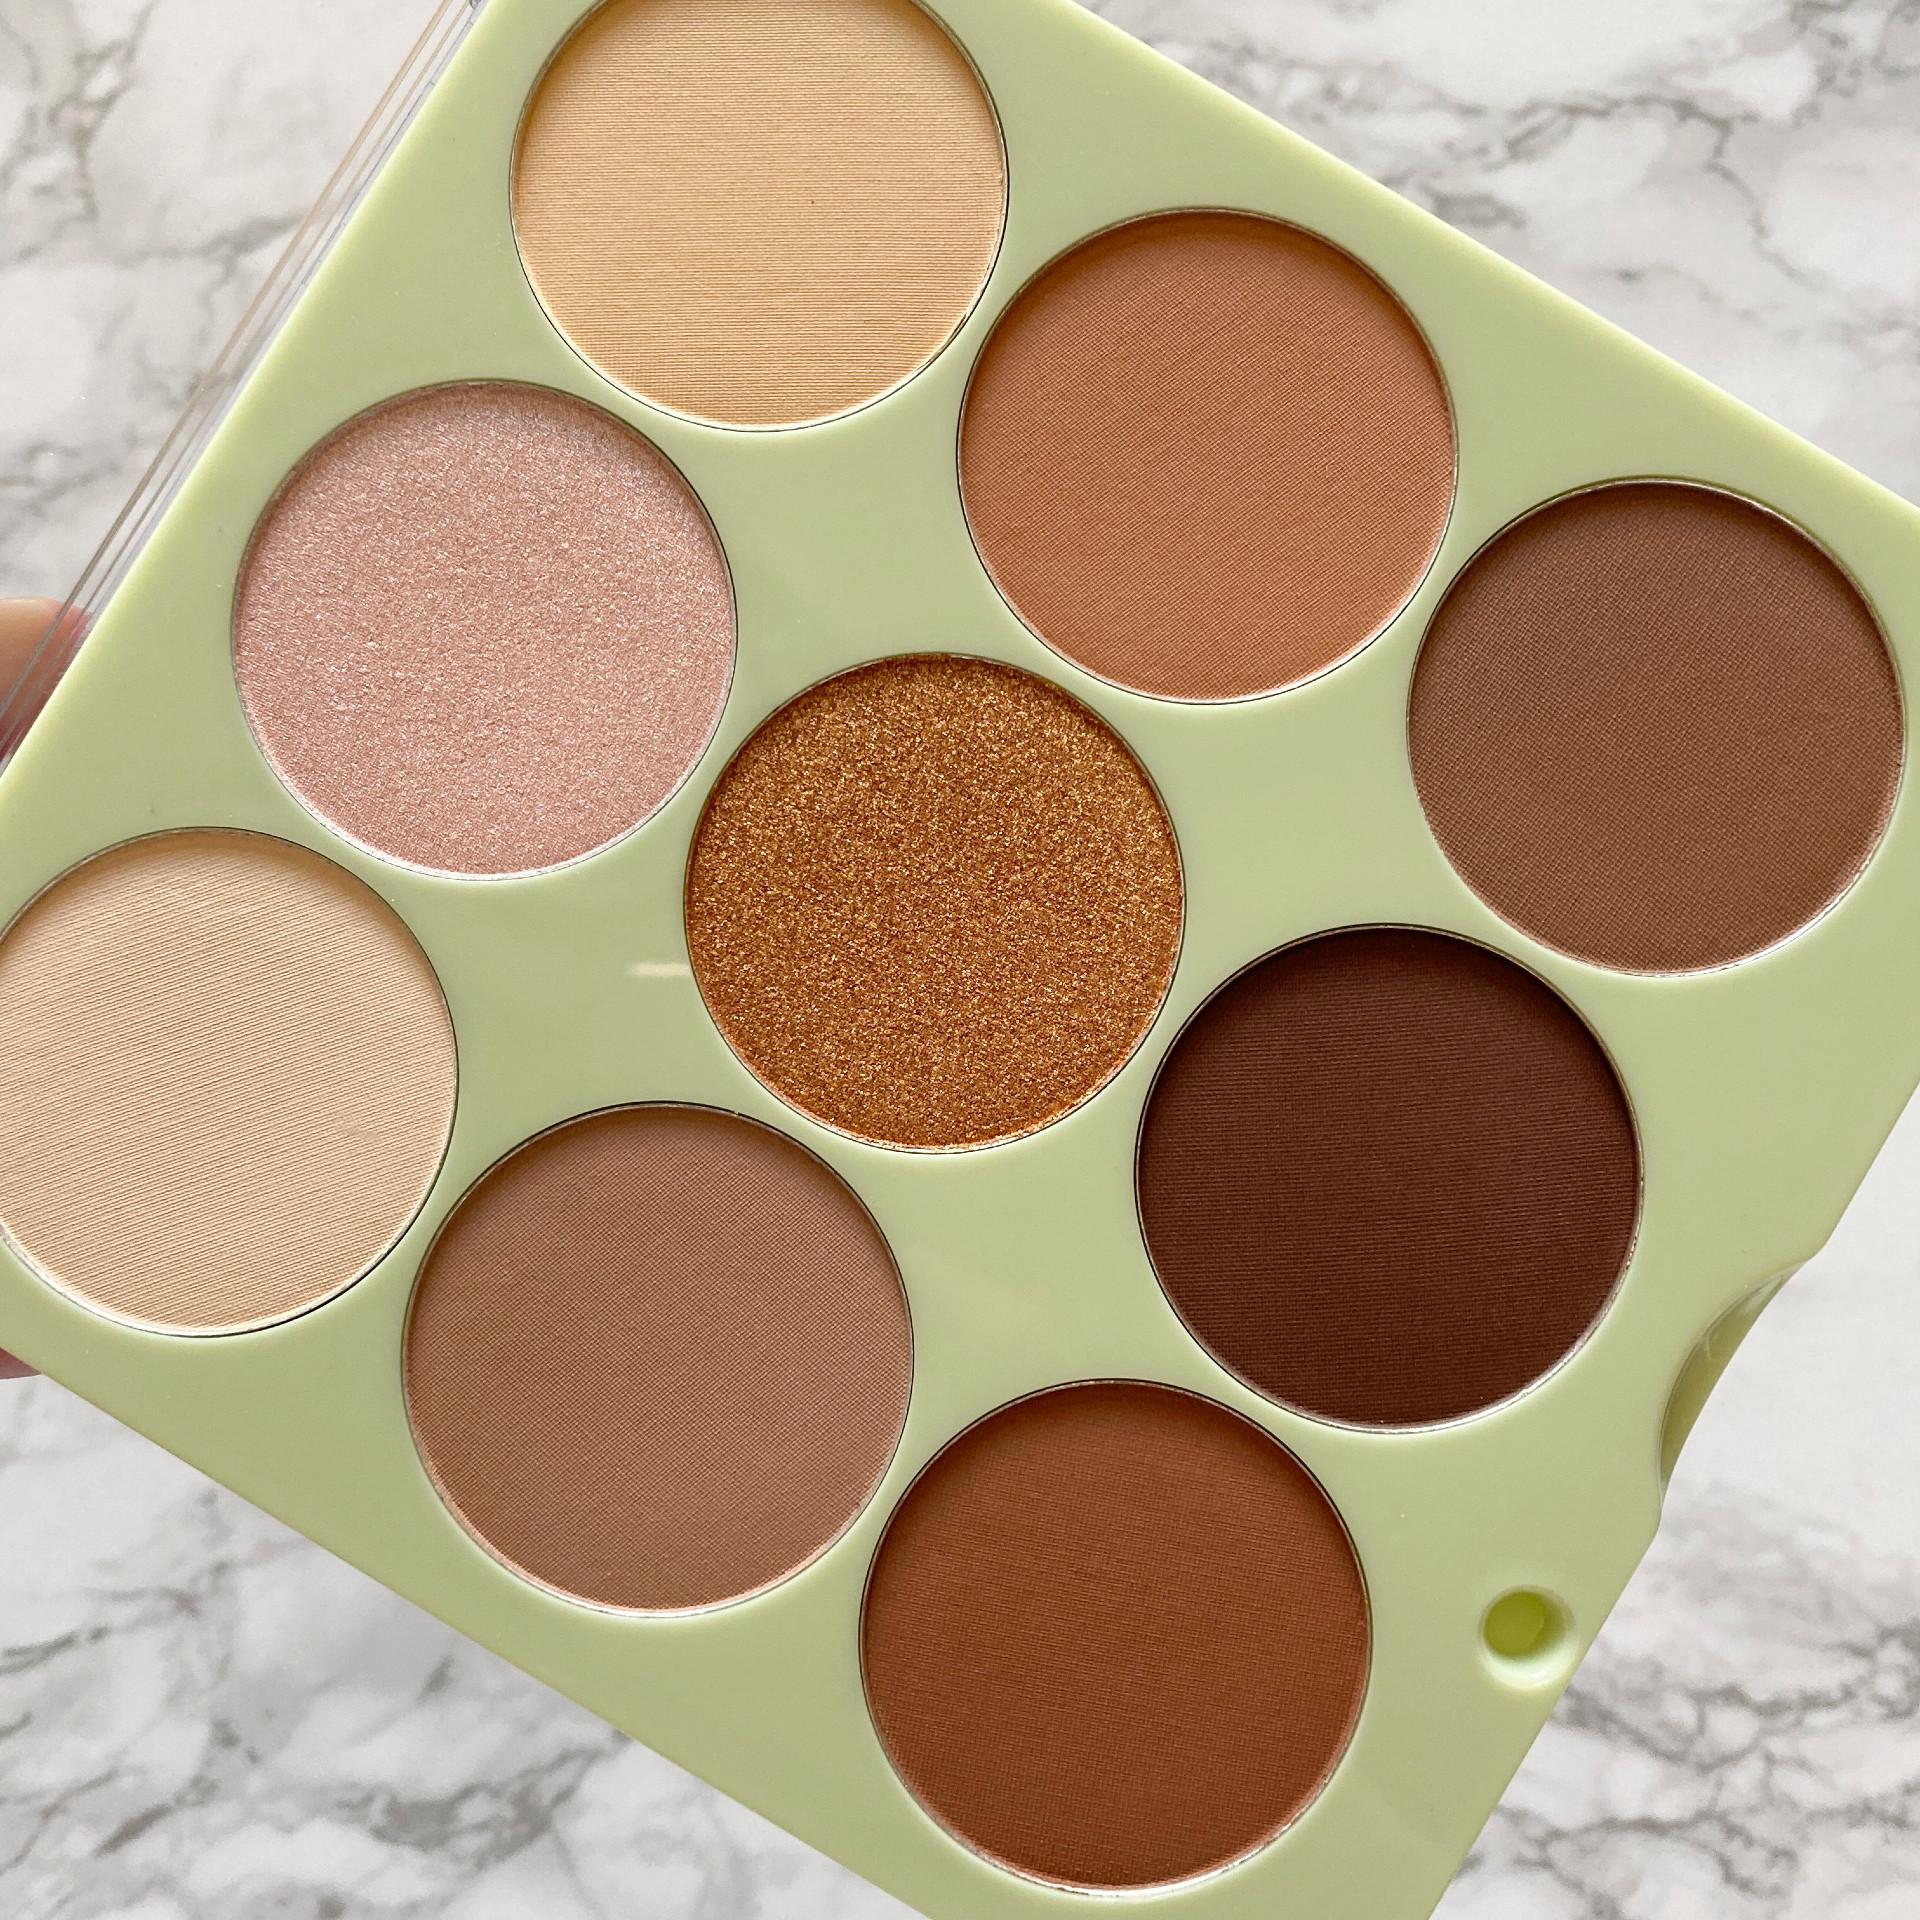 pixi beauty promise shape shifter palette review